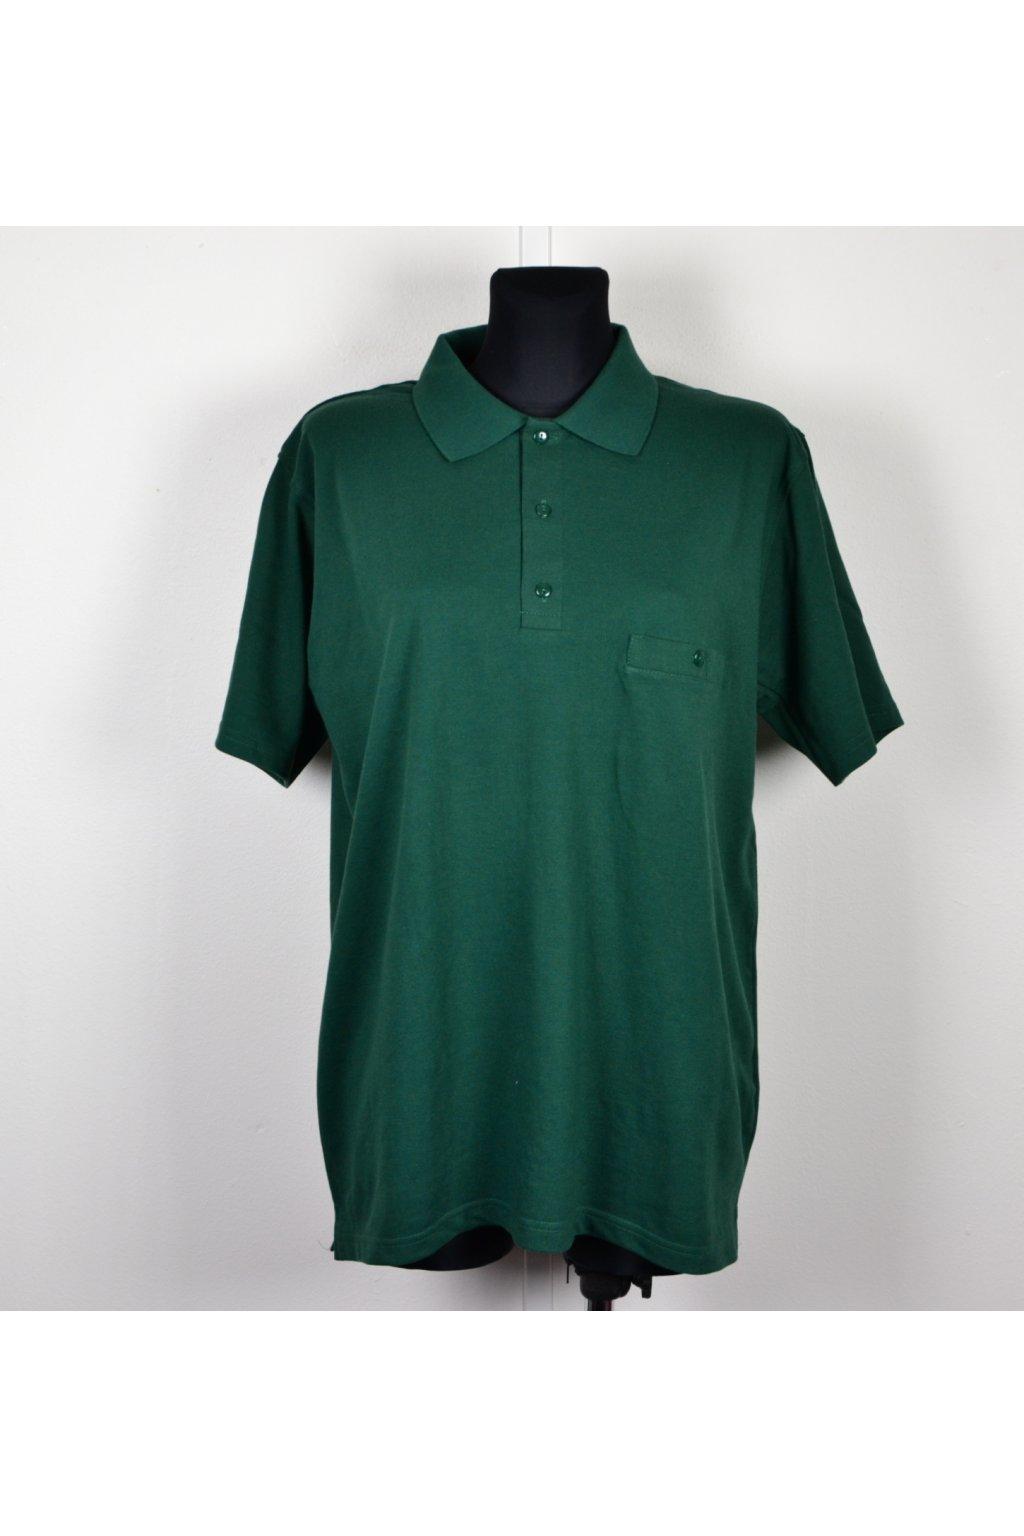 polotričko zelené s límečkem L